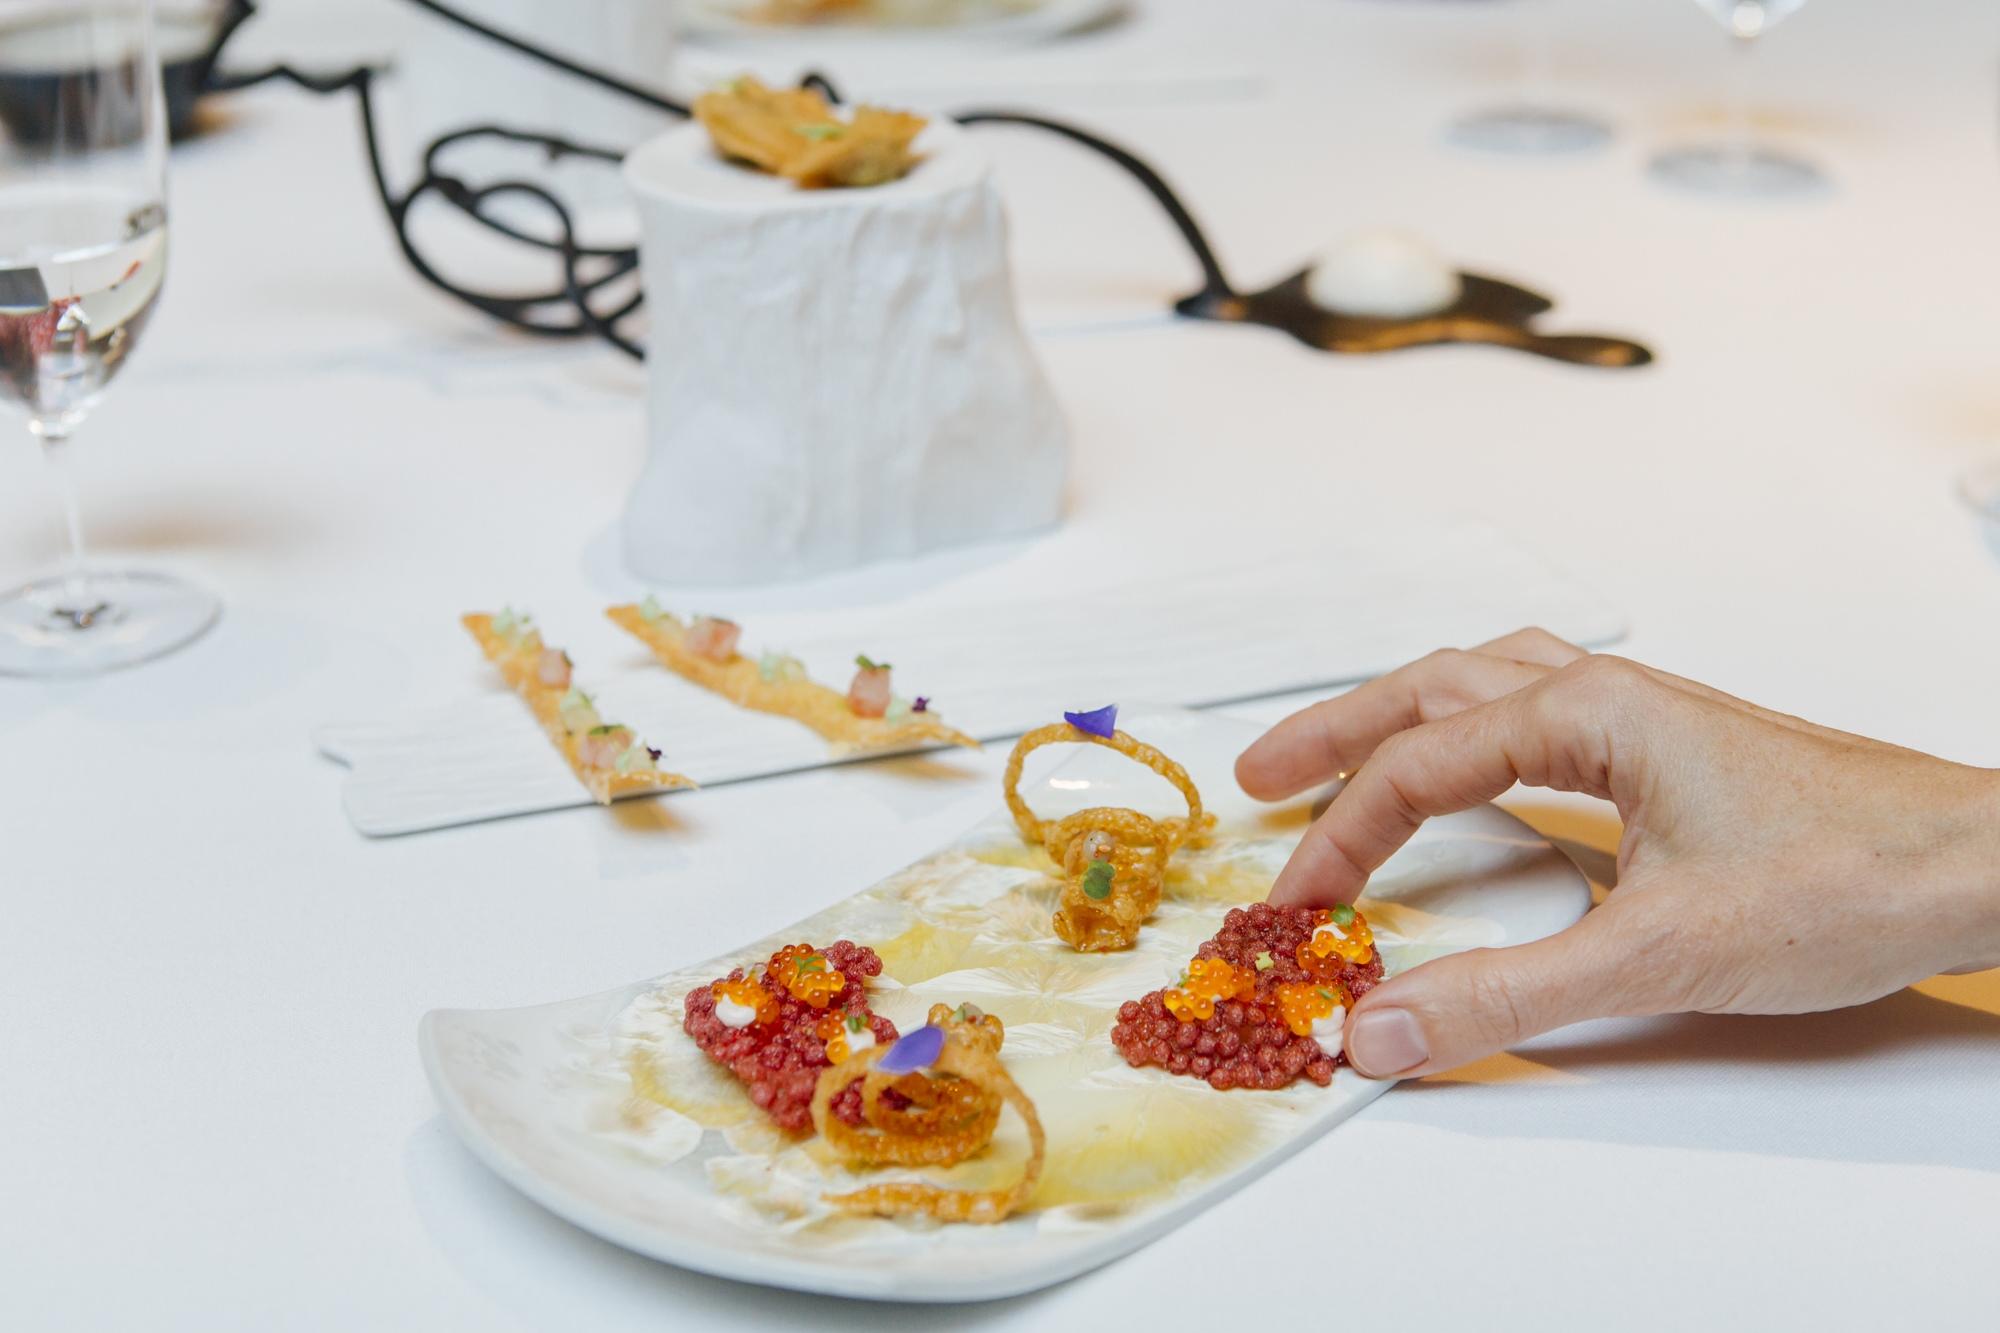 Los aperitivos son un preaviso del equilibrio de texturas y sabores del menú.